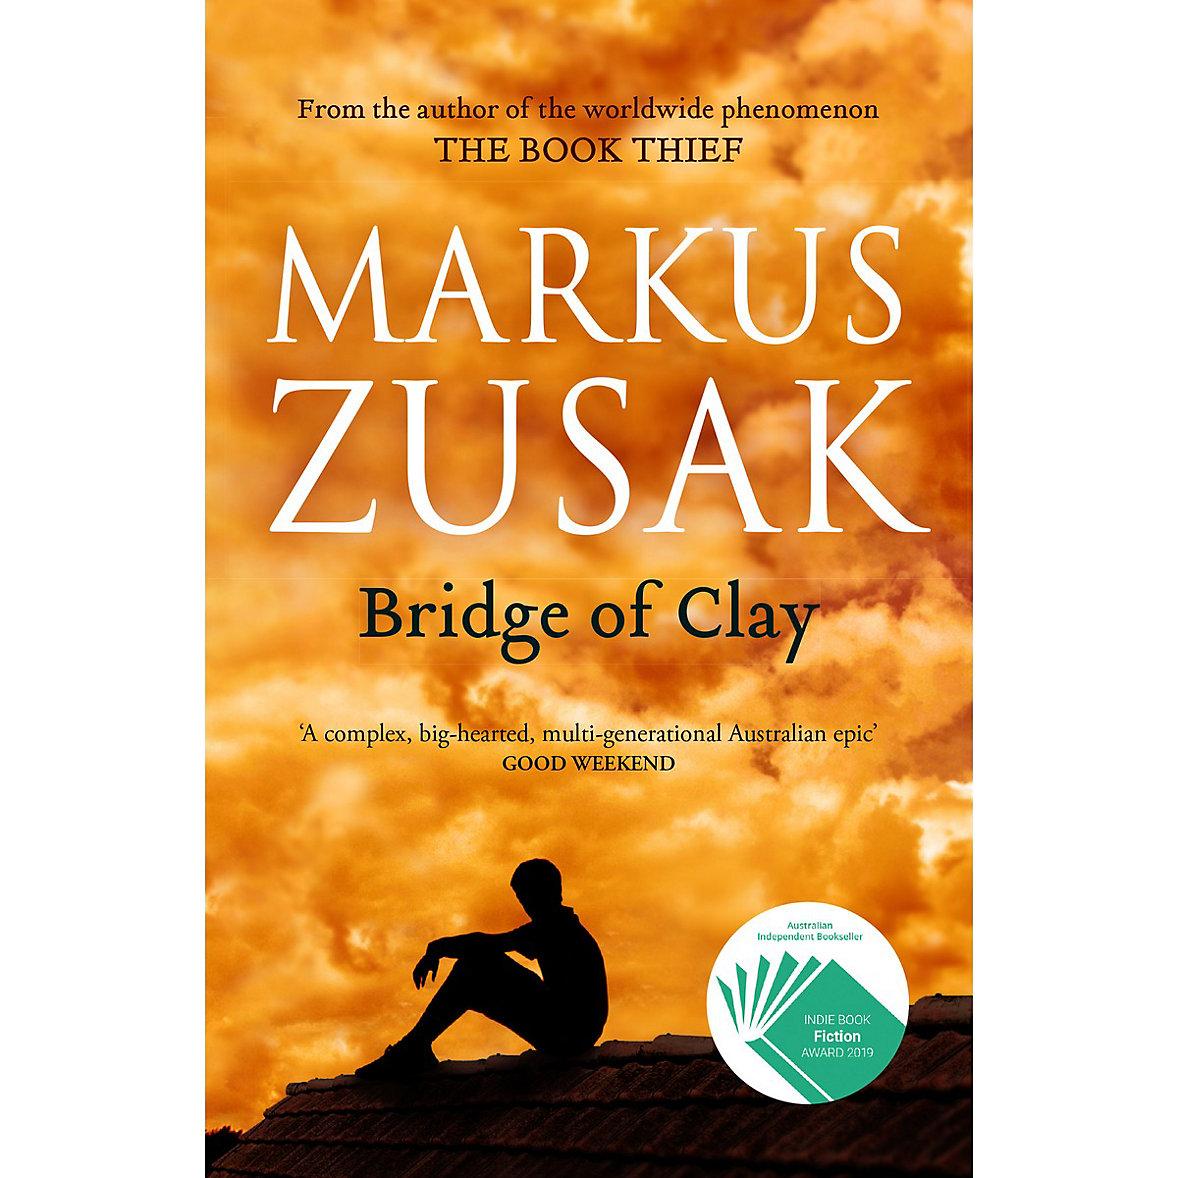 Bridge of Clay - Marcus Zusak